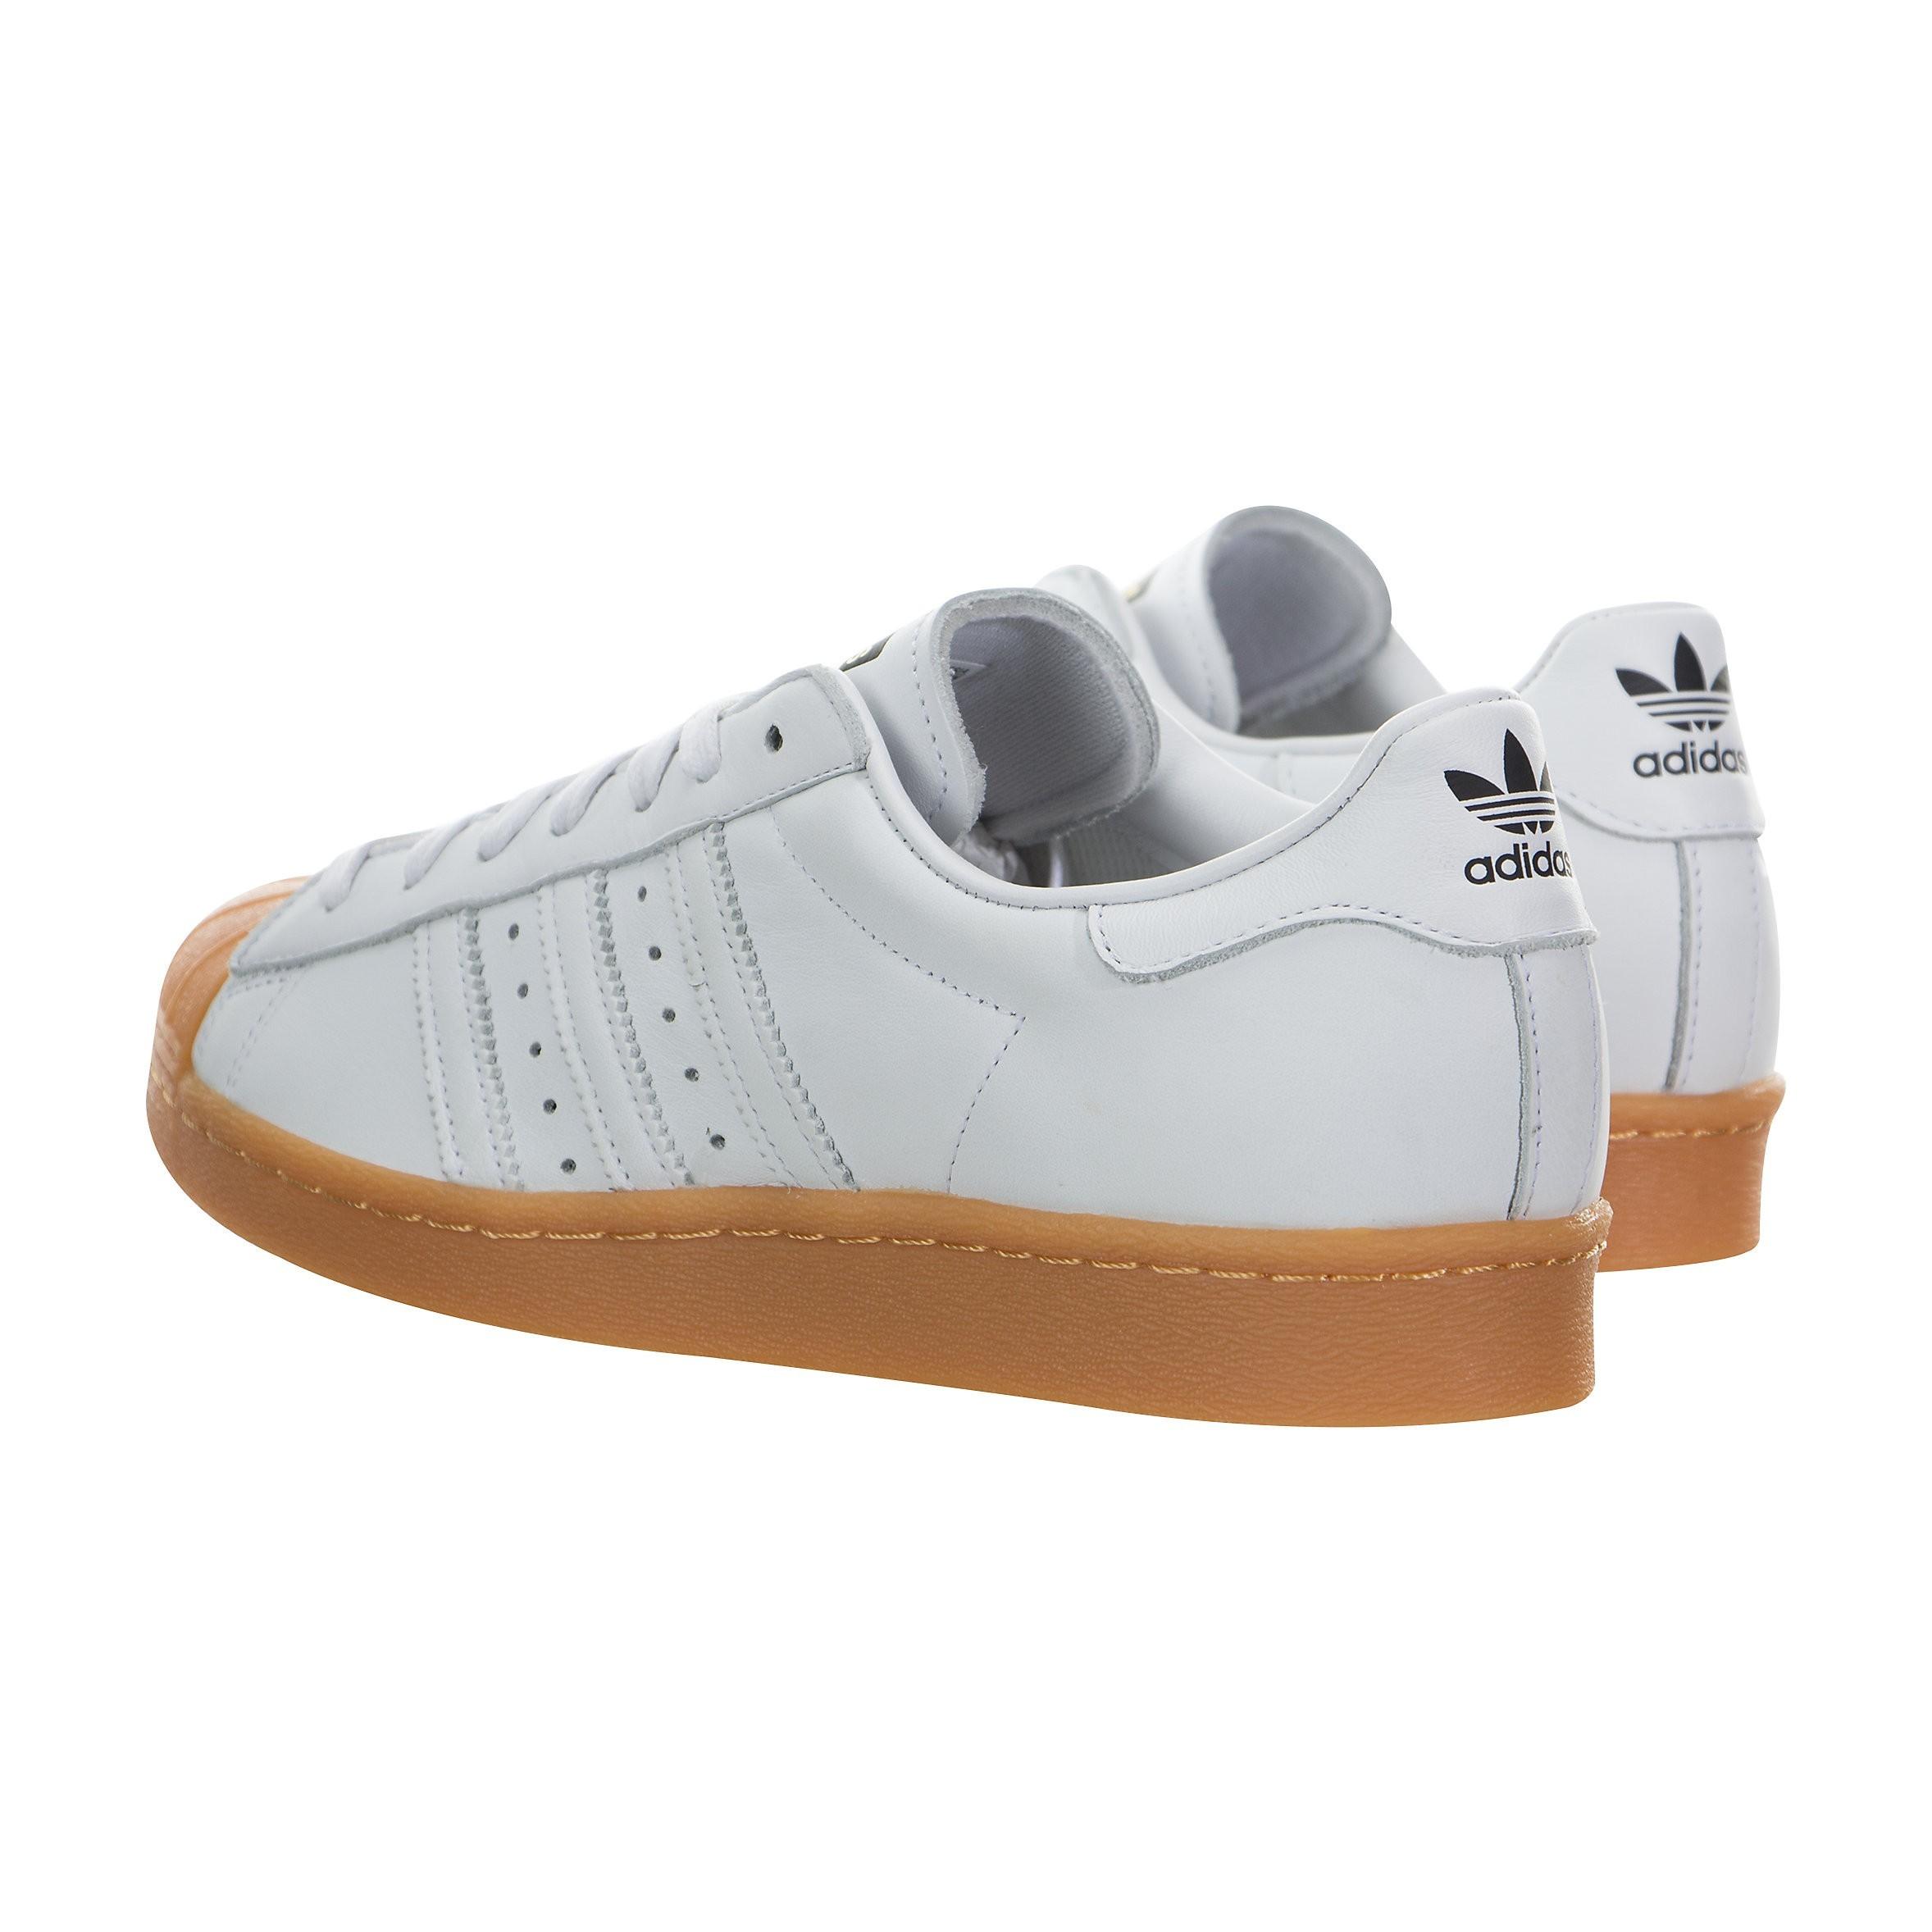 quality design 33a0e 10043 Hombre adidas Originals Superstar 80s DLX Blancas Gum S75830